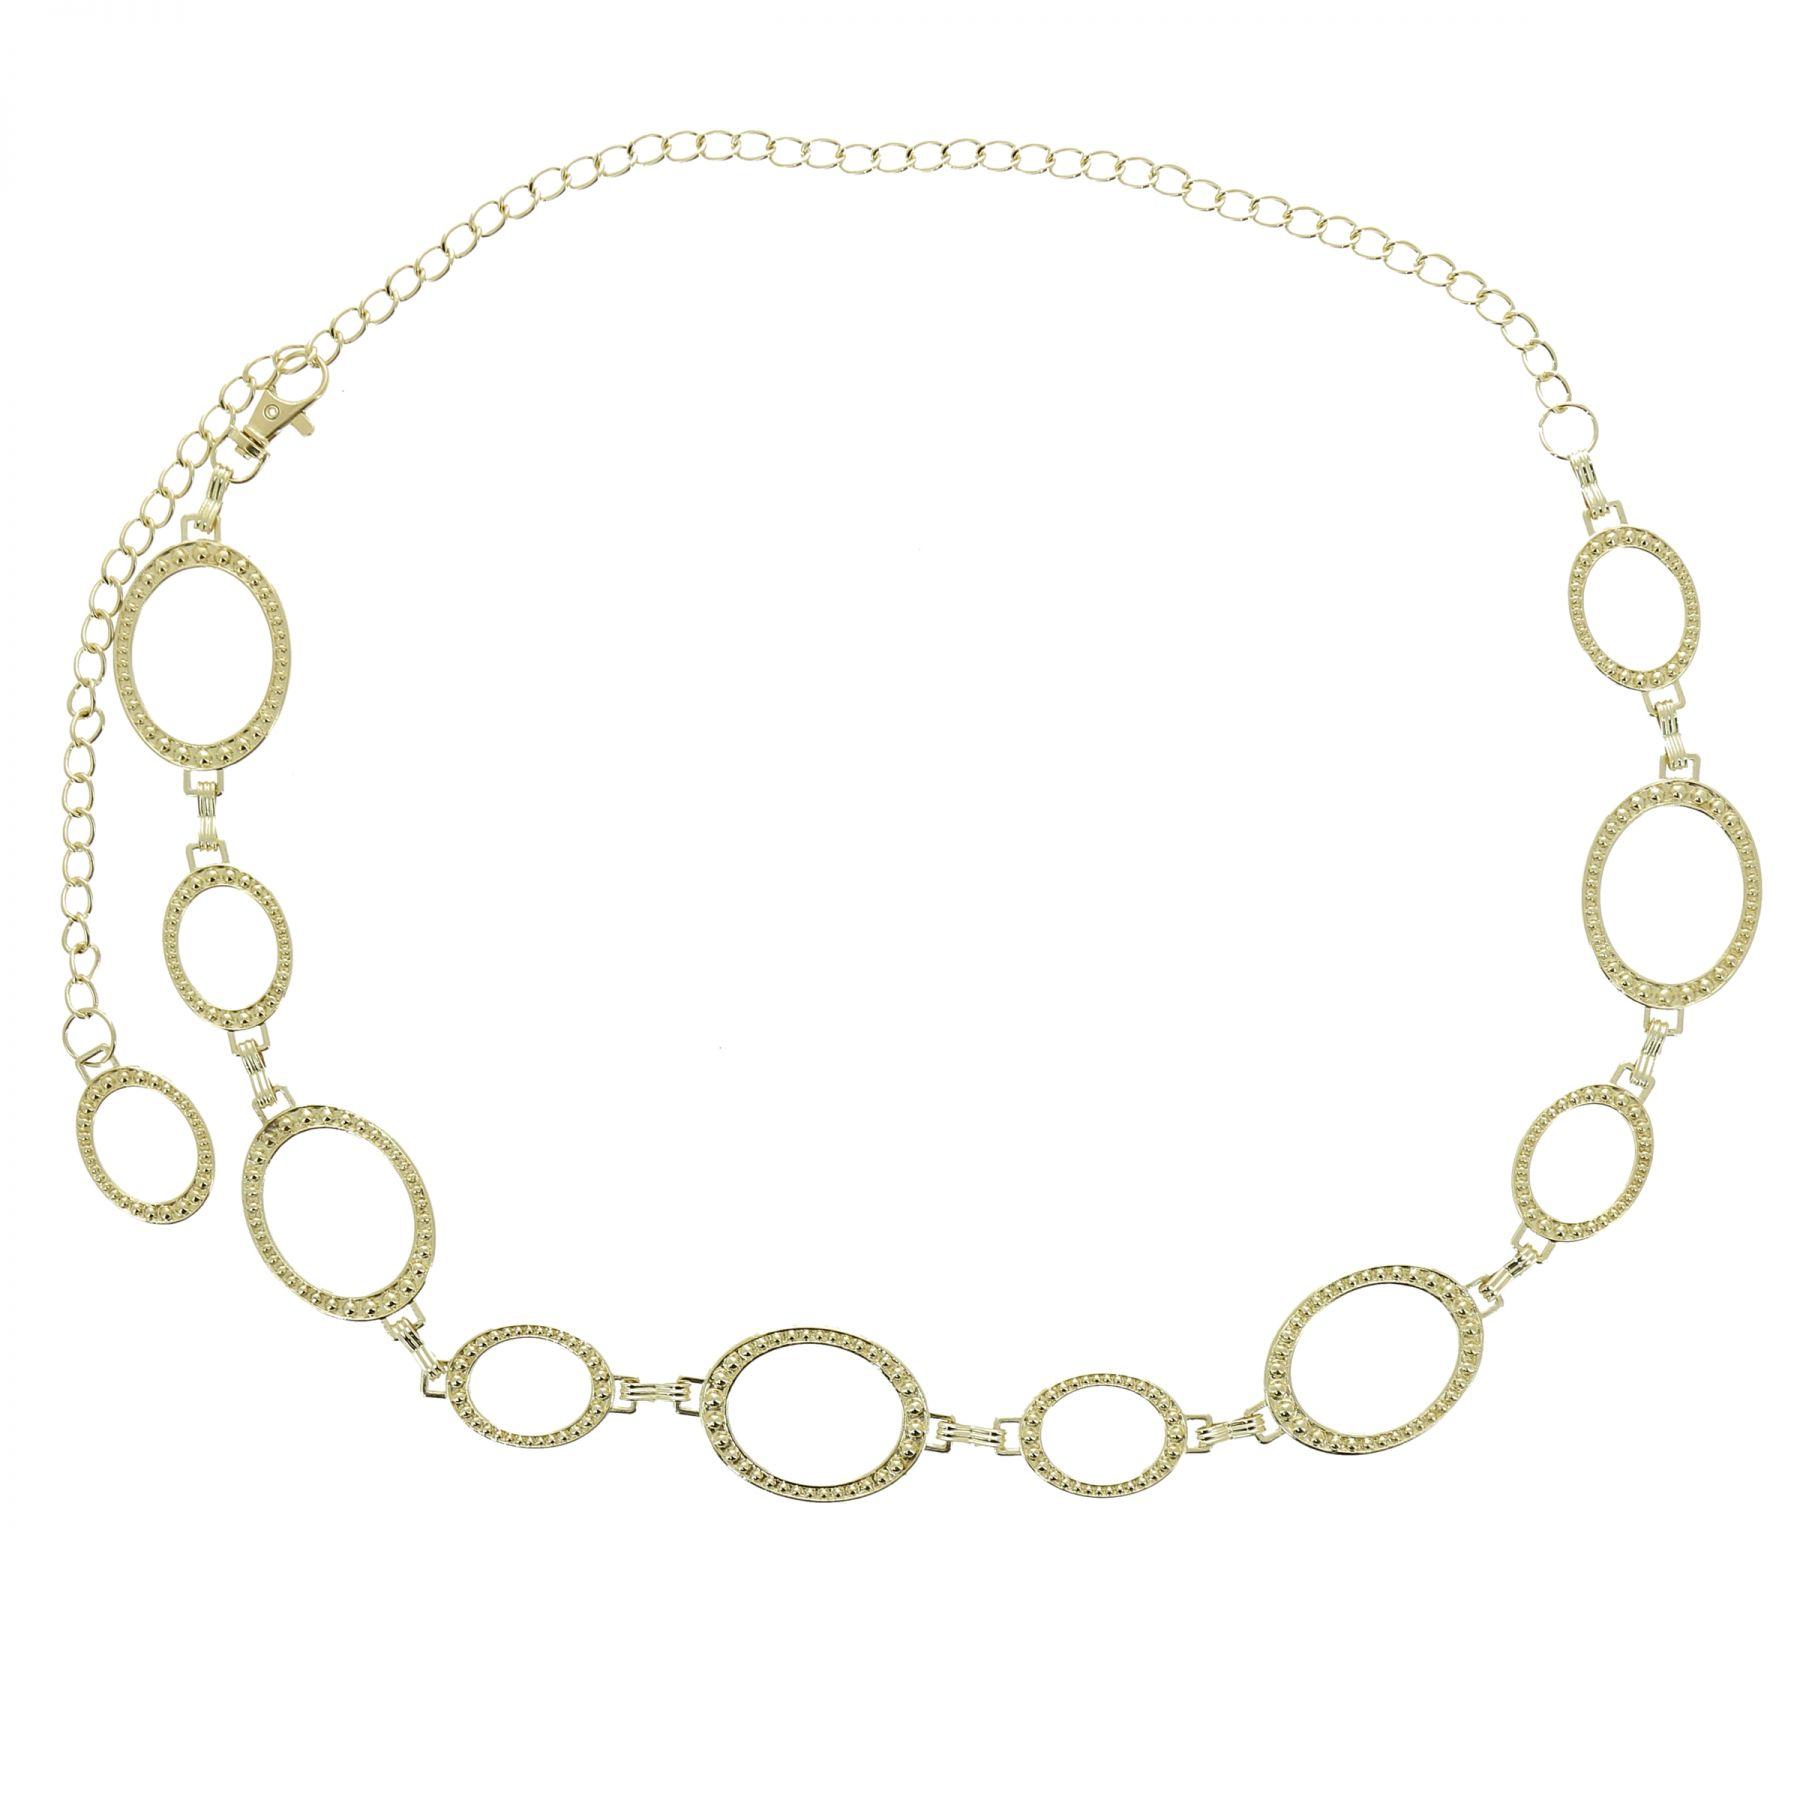 Ceinture chaîne médaillon pour femme LAURRAINE. Loading zoom 2619b1d1fa9